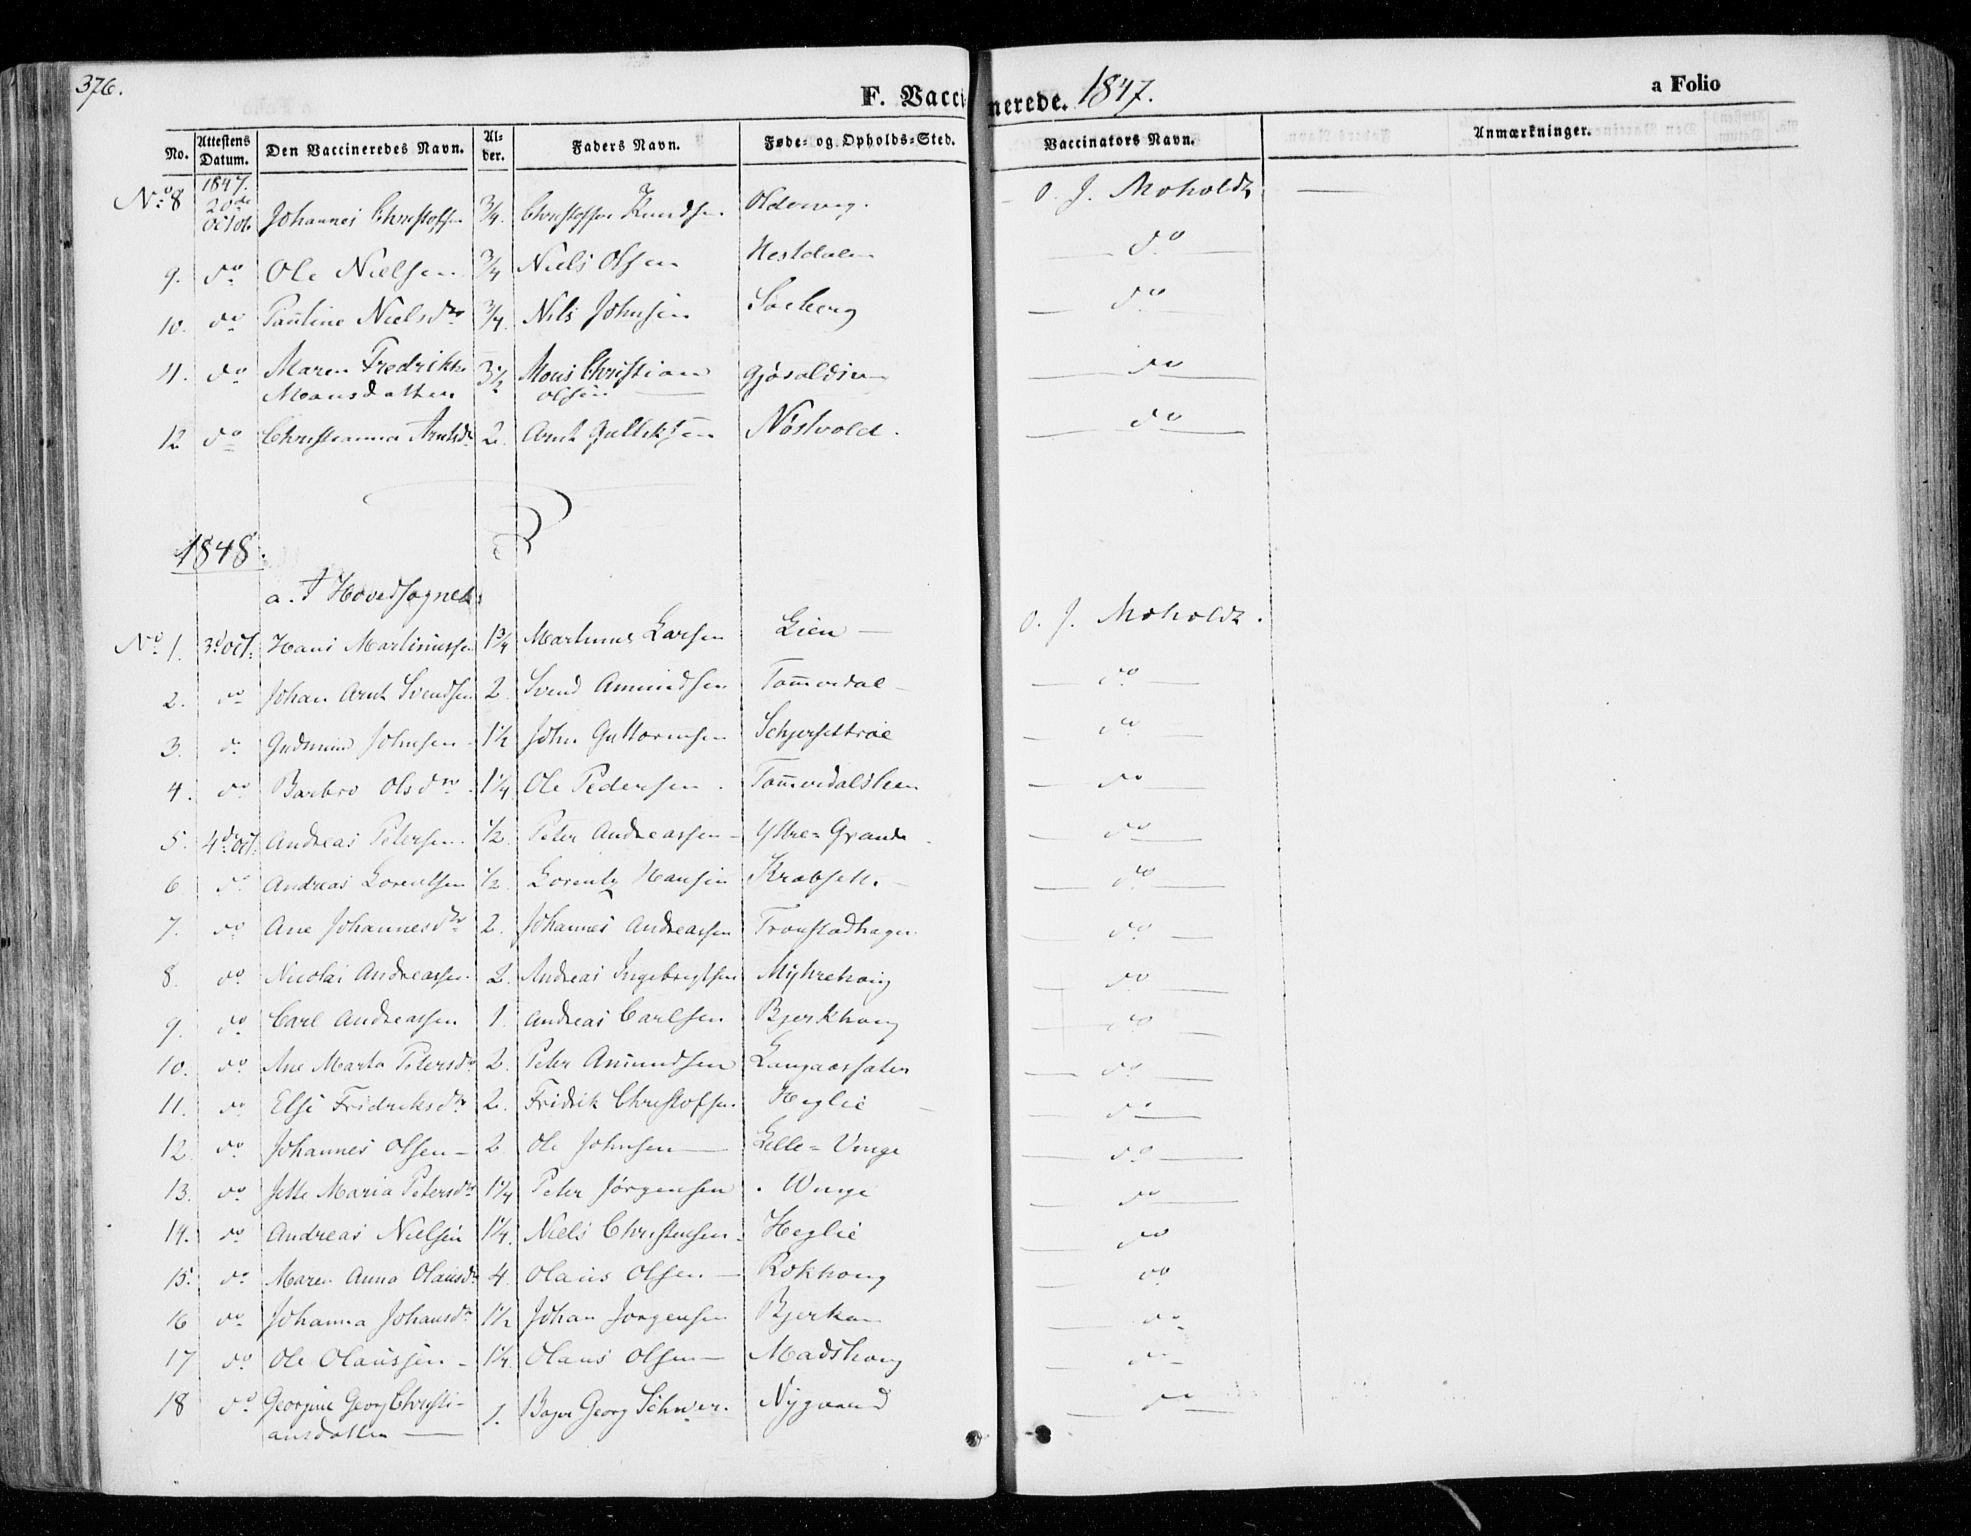 SAT, Ministerialprotokoller, klokkerbøker og fødselsregistre - Nord-Trøndelag, 701/L0007: Parish register (official) no. 701A07 /1, 1842-1854, p. 376